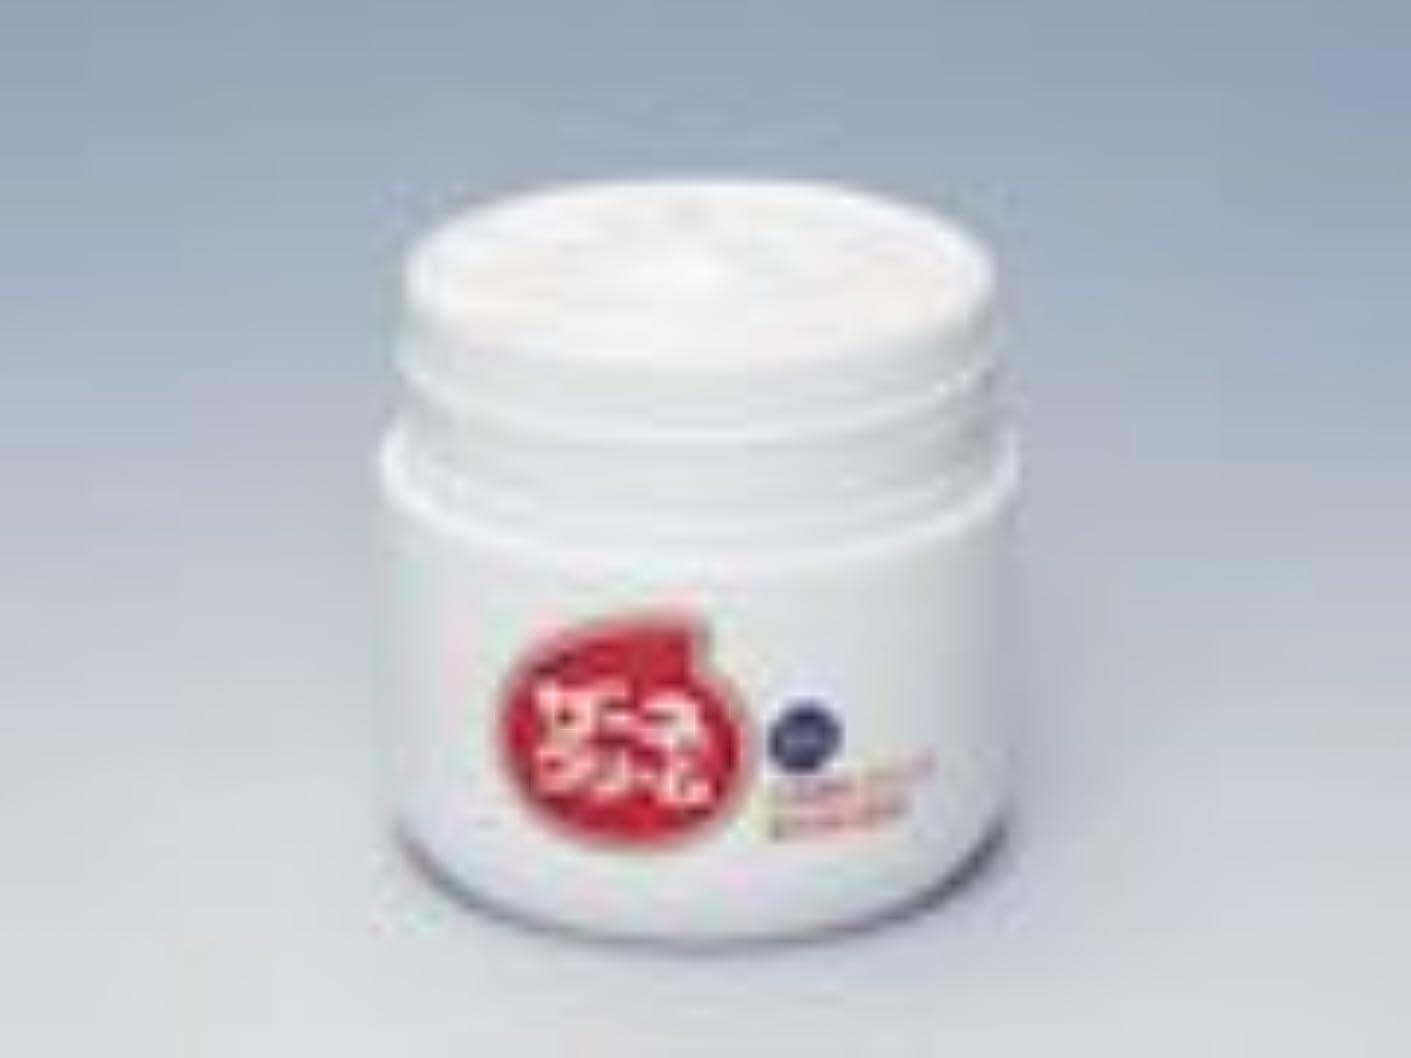 鉄拍車クスコザーネクリーム 57g【医薬部外品】 [ヘルスケア&ケア用品]